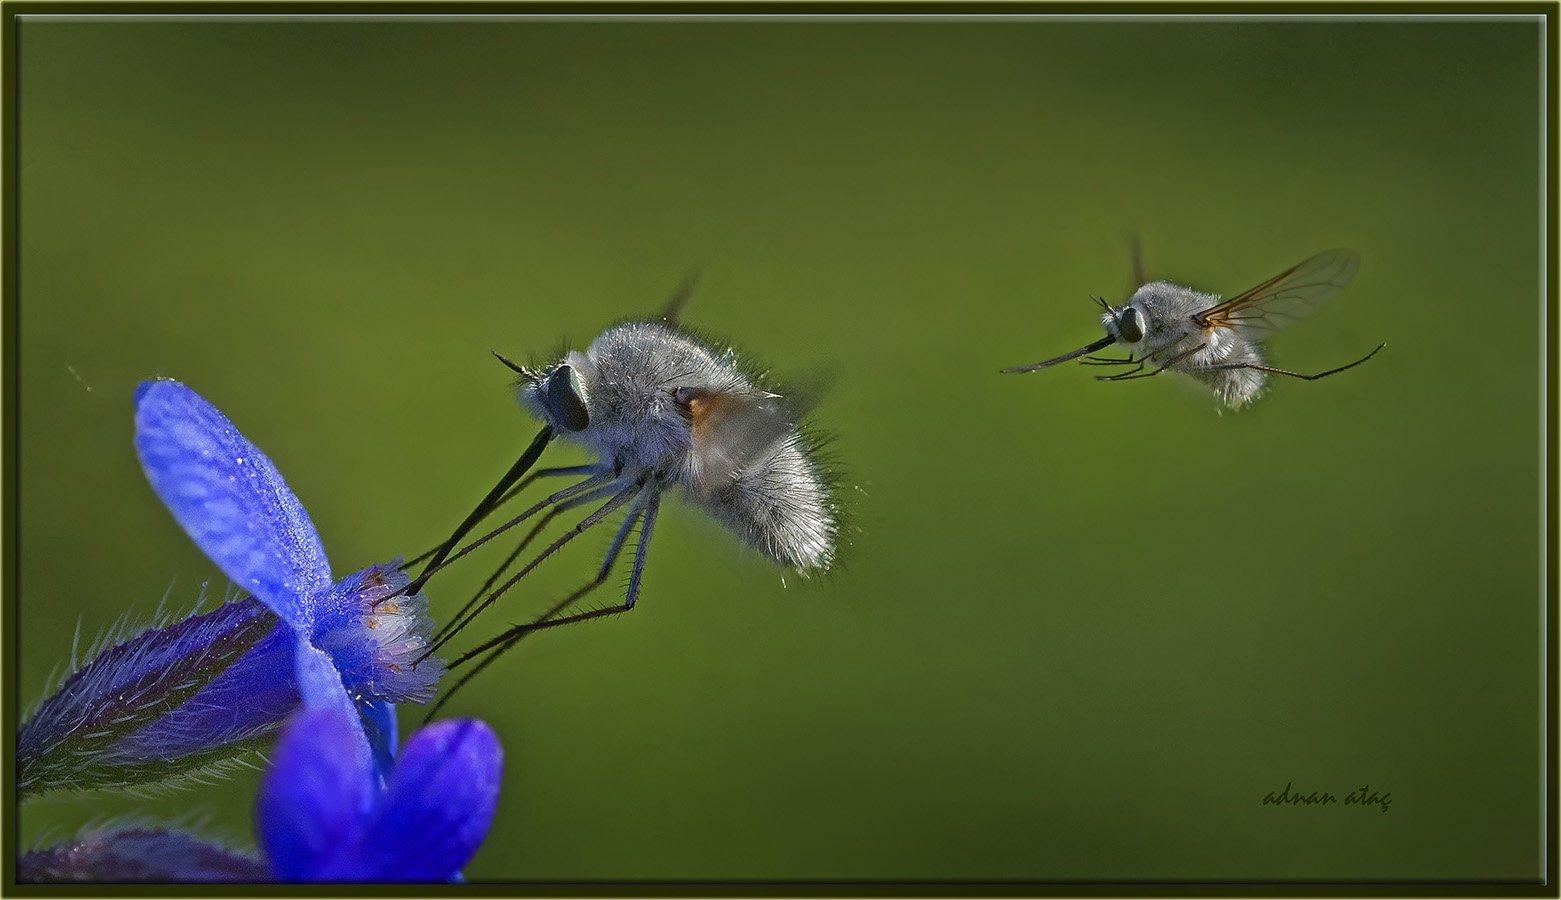 Arı sineği - Bombylius major (Ankara 2013)